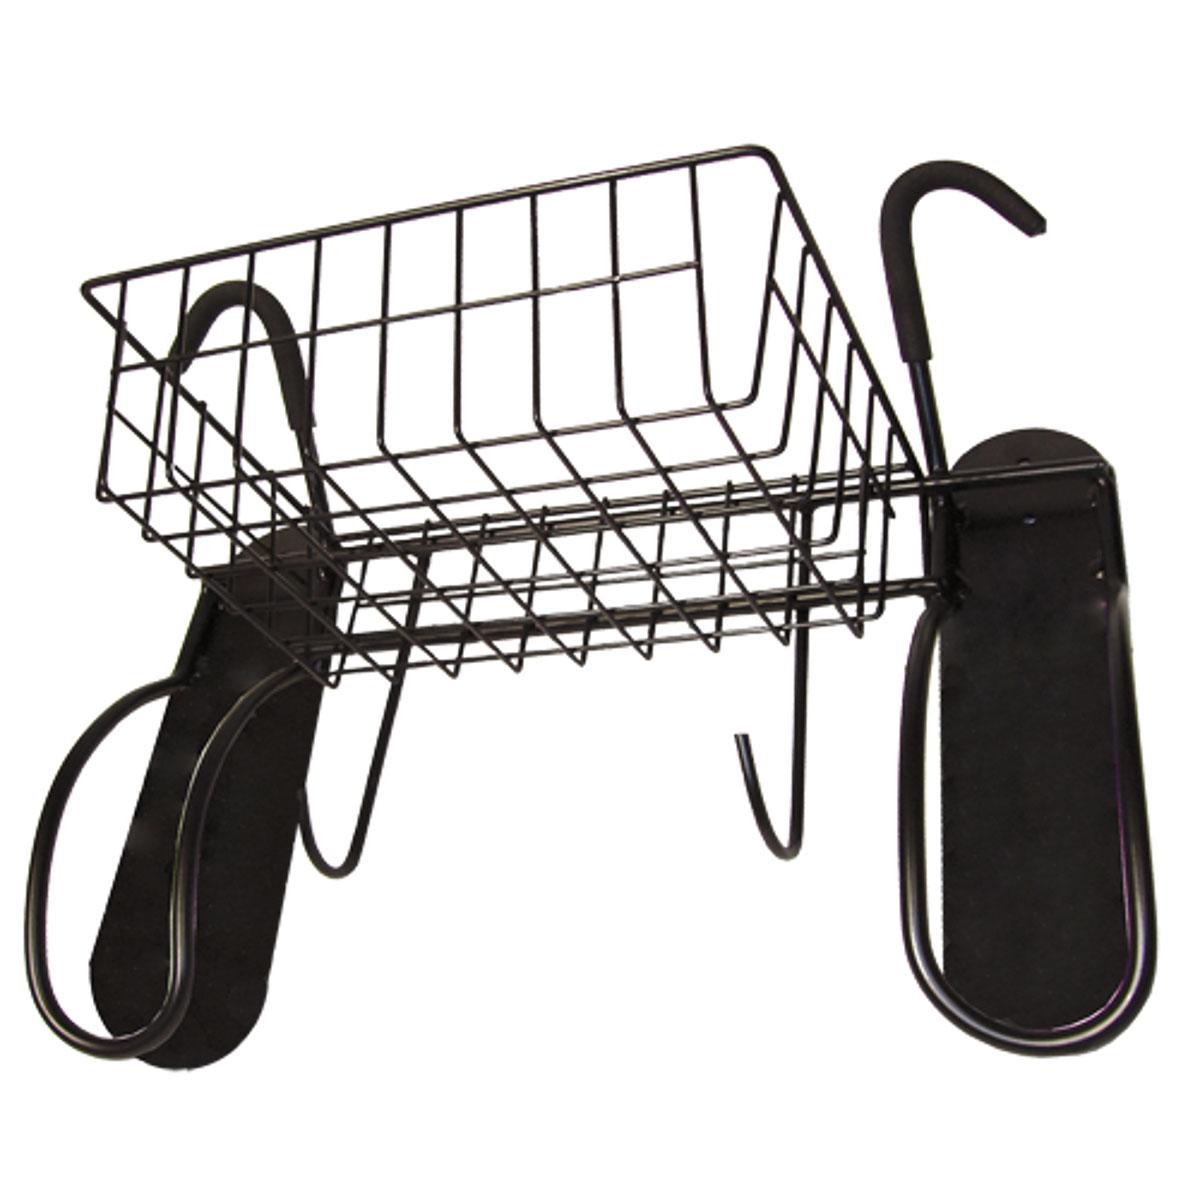 Подвесная система для 2-х велосипедов МастерПроф, вертикальное хранениеАС.050008Съёмная корзина для удобного хранения шлемов, перчаток, обуви и т.д. Виниловое покрытие кронштейнов защитит краску велосипеда. Расширенная монтажная площадка - для большей прочности и устойчивости. За счёт хранения двух велосипедов на стене система вертикального хранения экономит место в вашем доме или гараже.